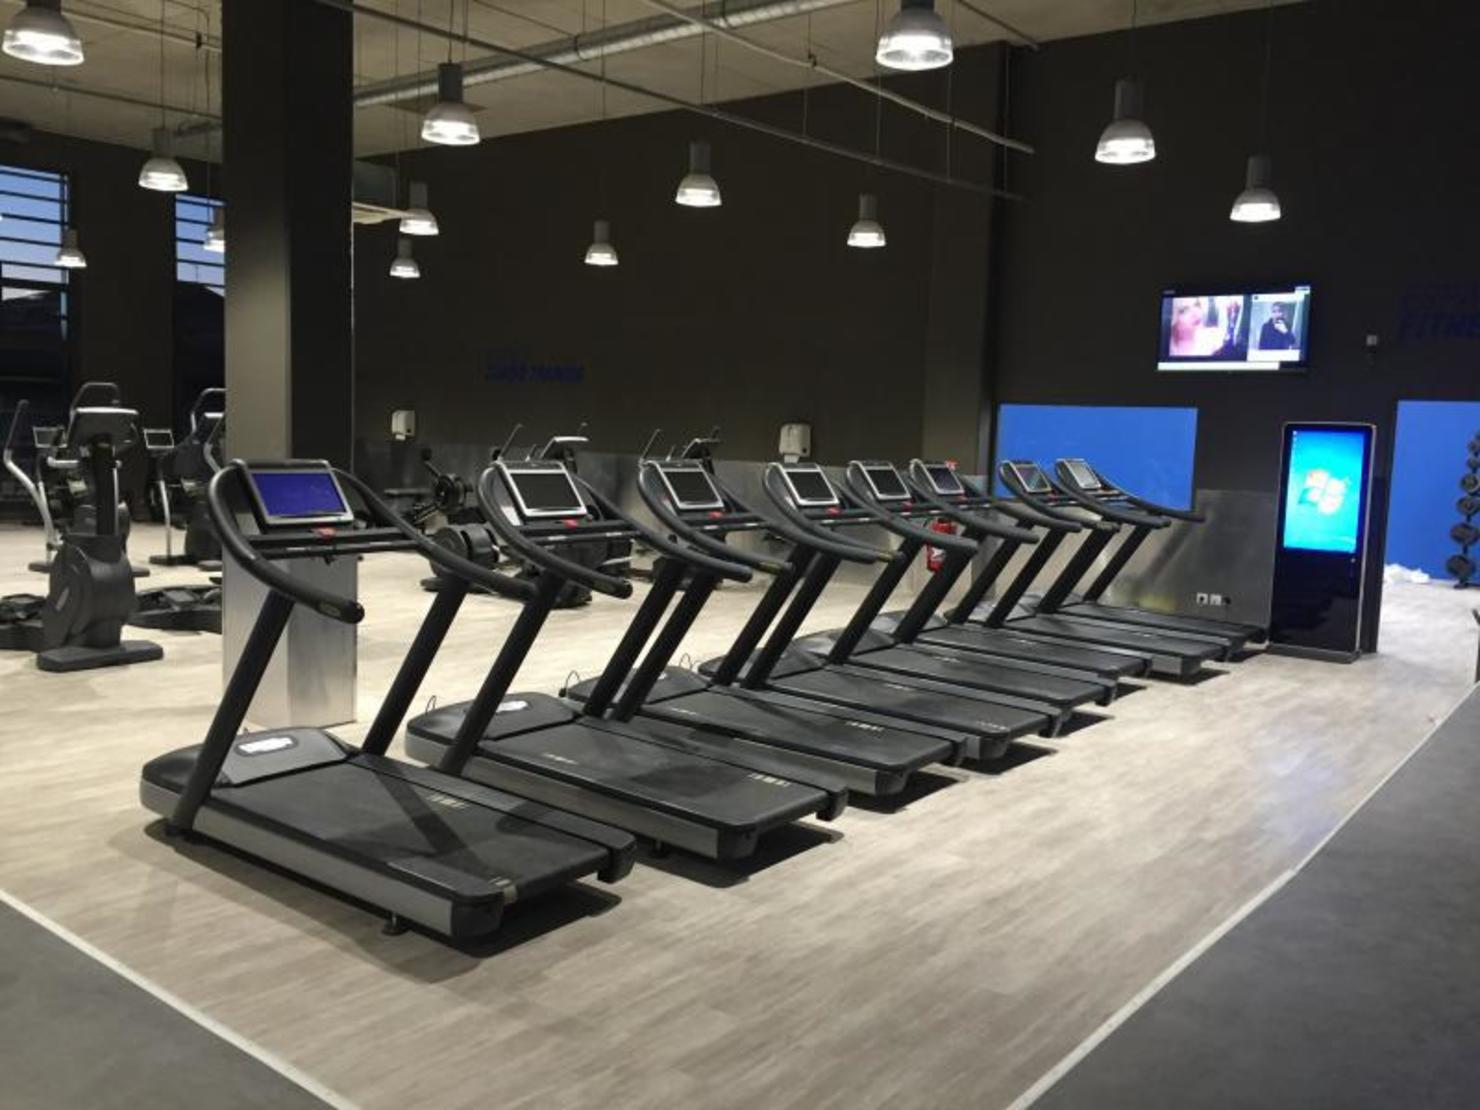 Fitness park salon de provence salon de provence - Horaire dechetterie salon de provence ...